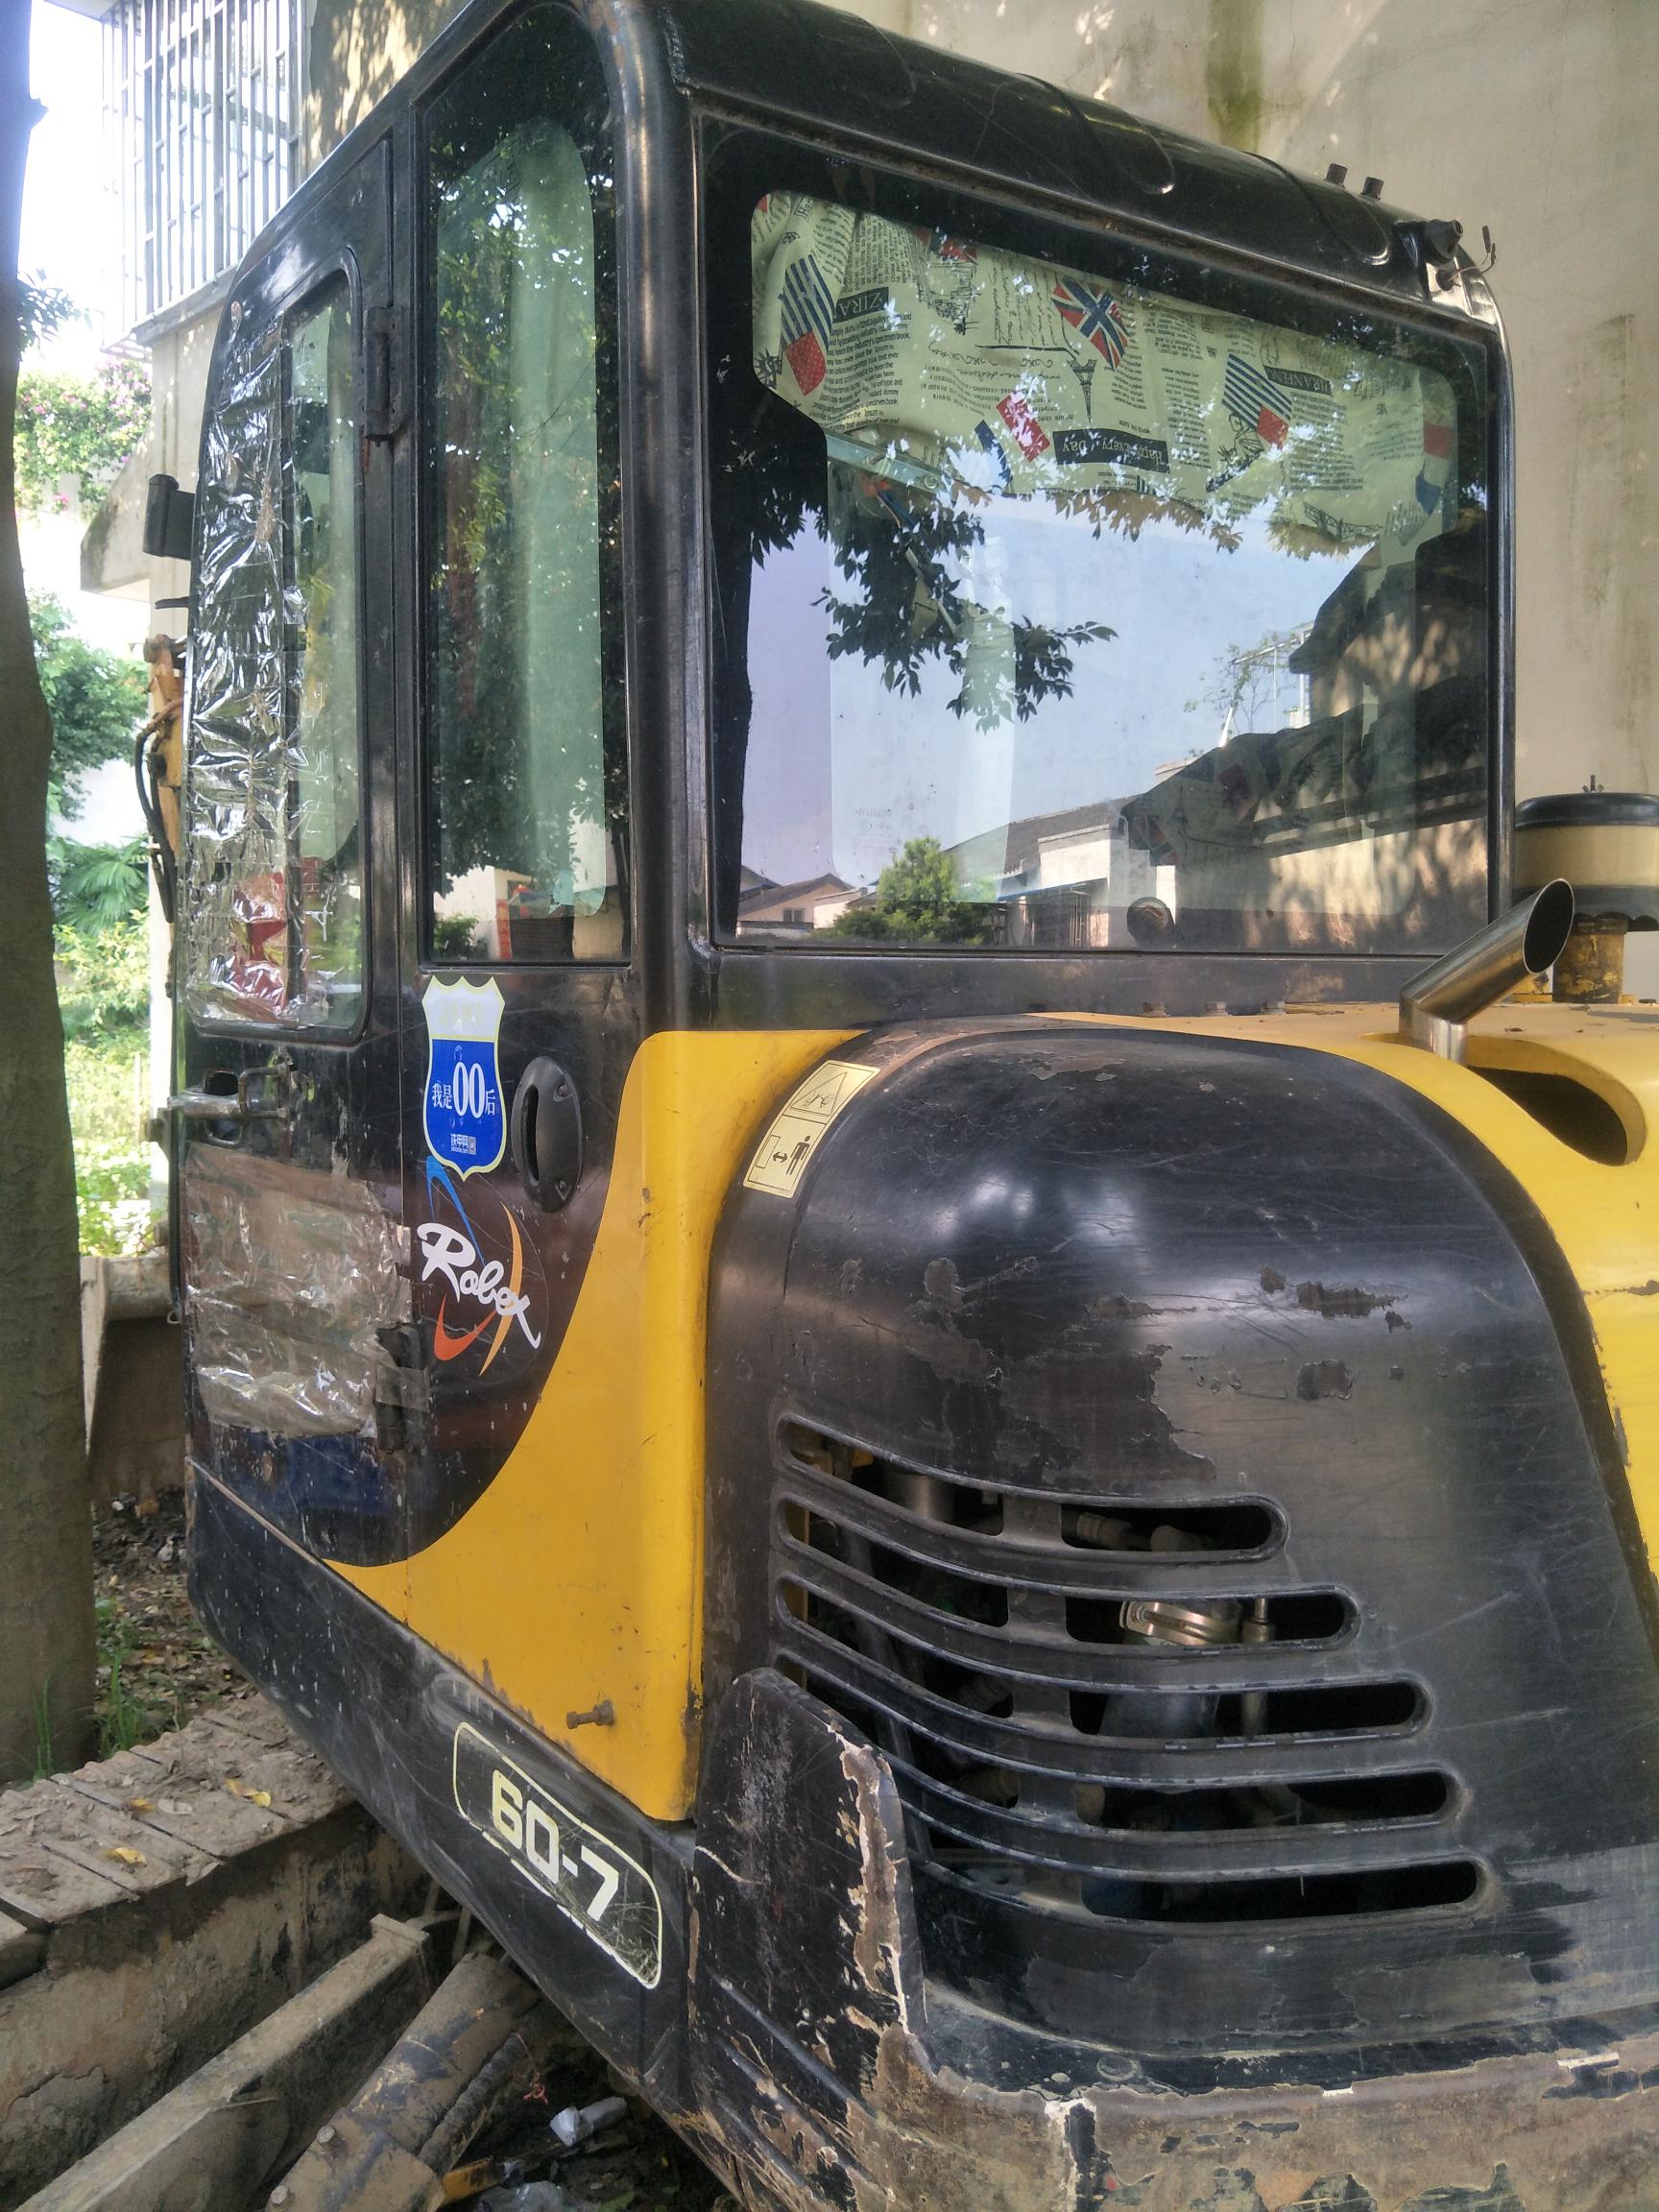 挖机生涯的三年:司机和老板都要爱护挖机,这是最基本的